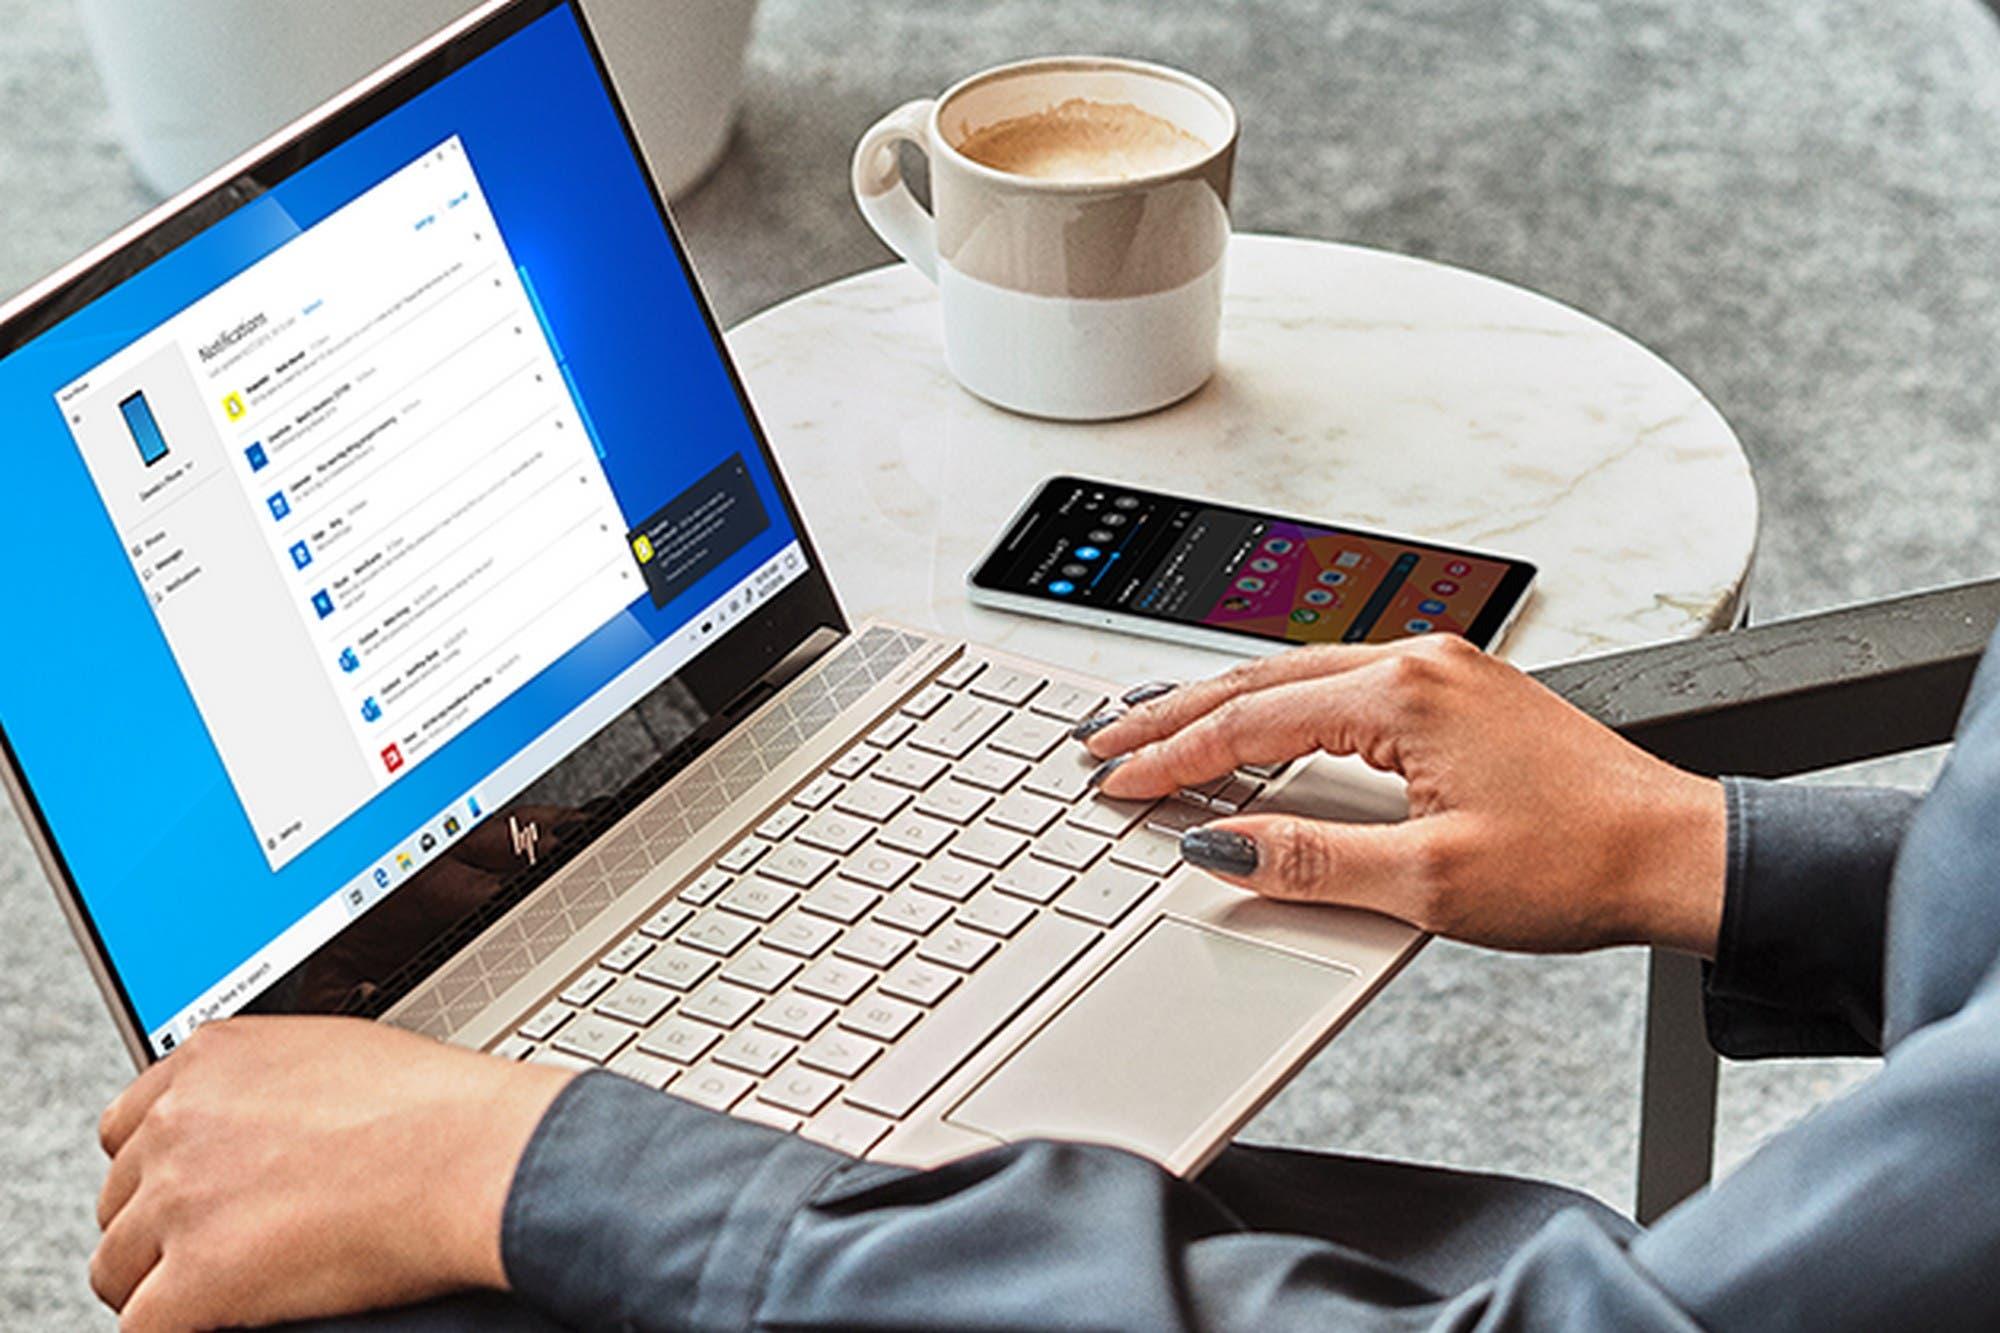 Windows 10 ahora permite ver las notificaciones y los contenidos de un teléfono Android